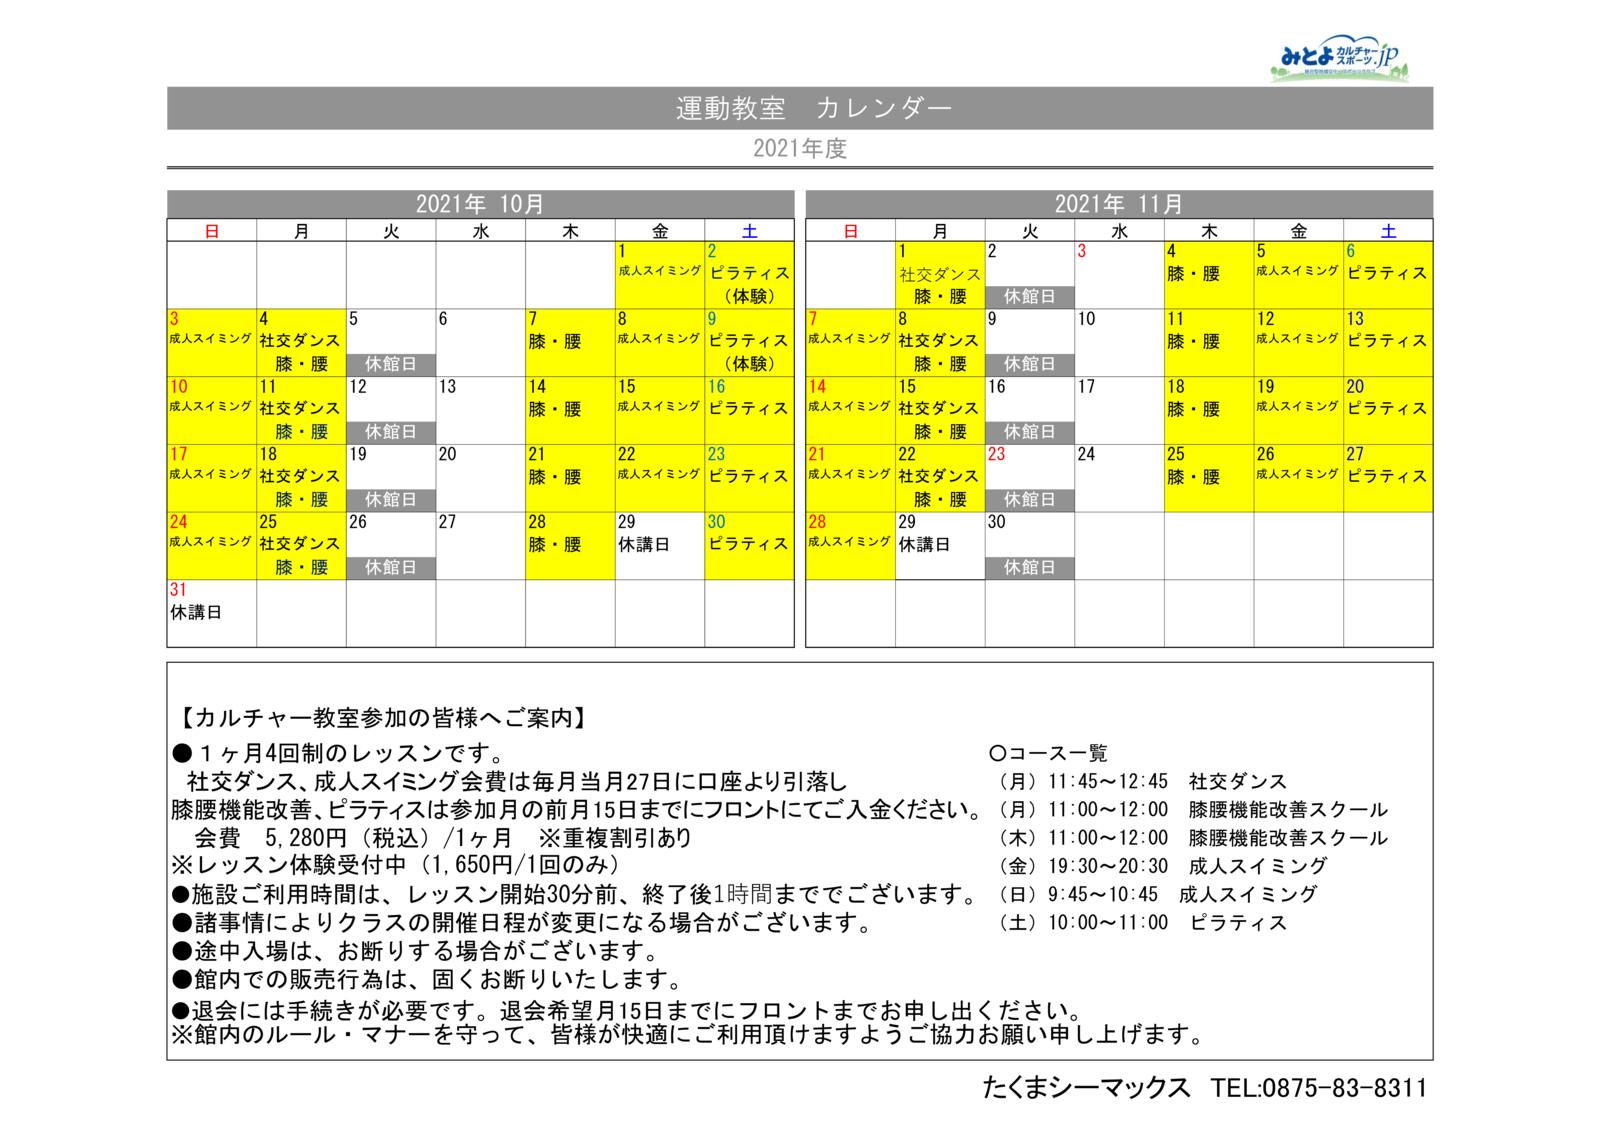 2016【カルチャー】カレンダー2ヶ月版.xls202110~のサムネイル